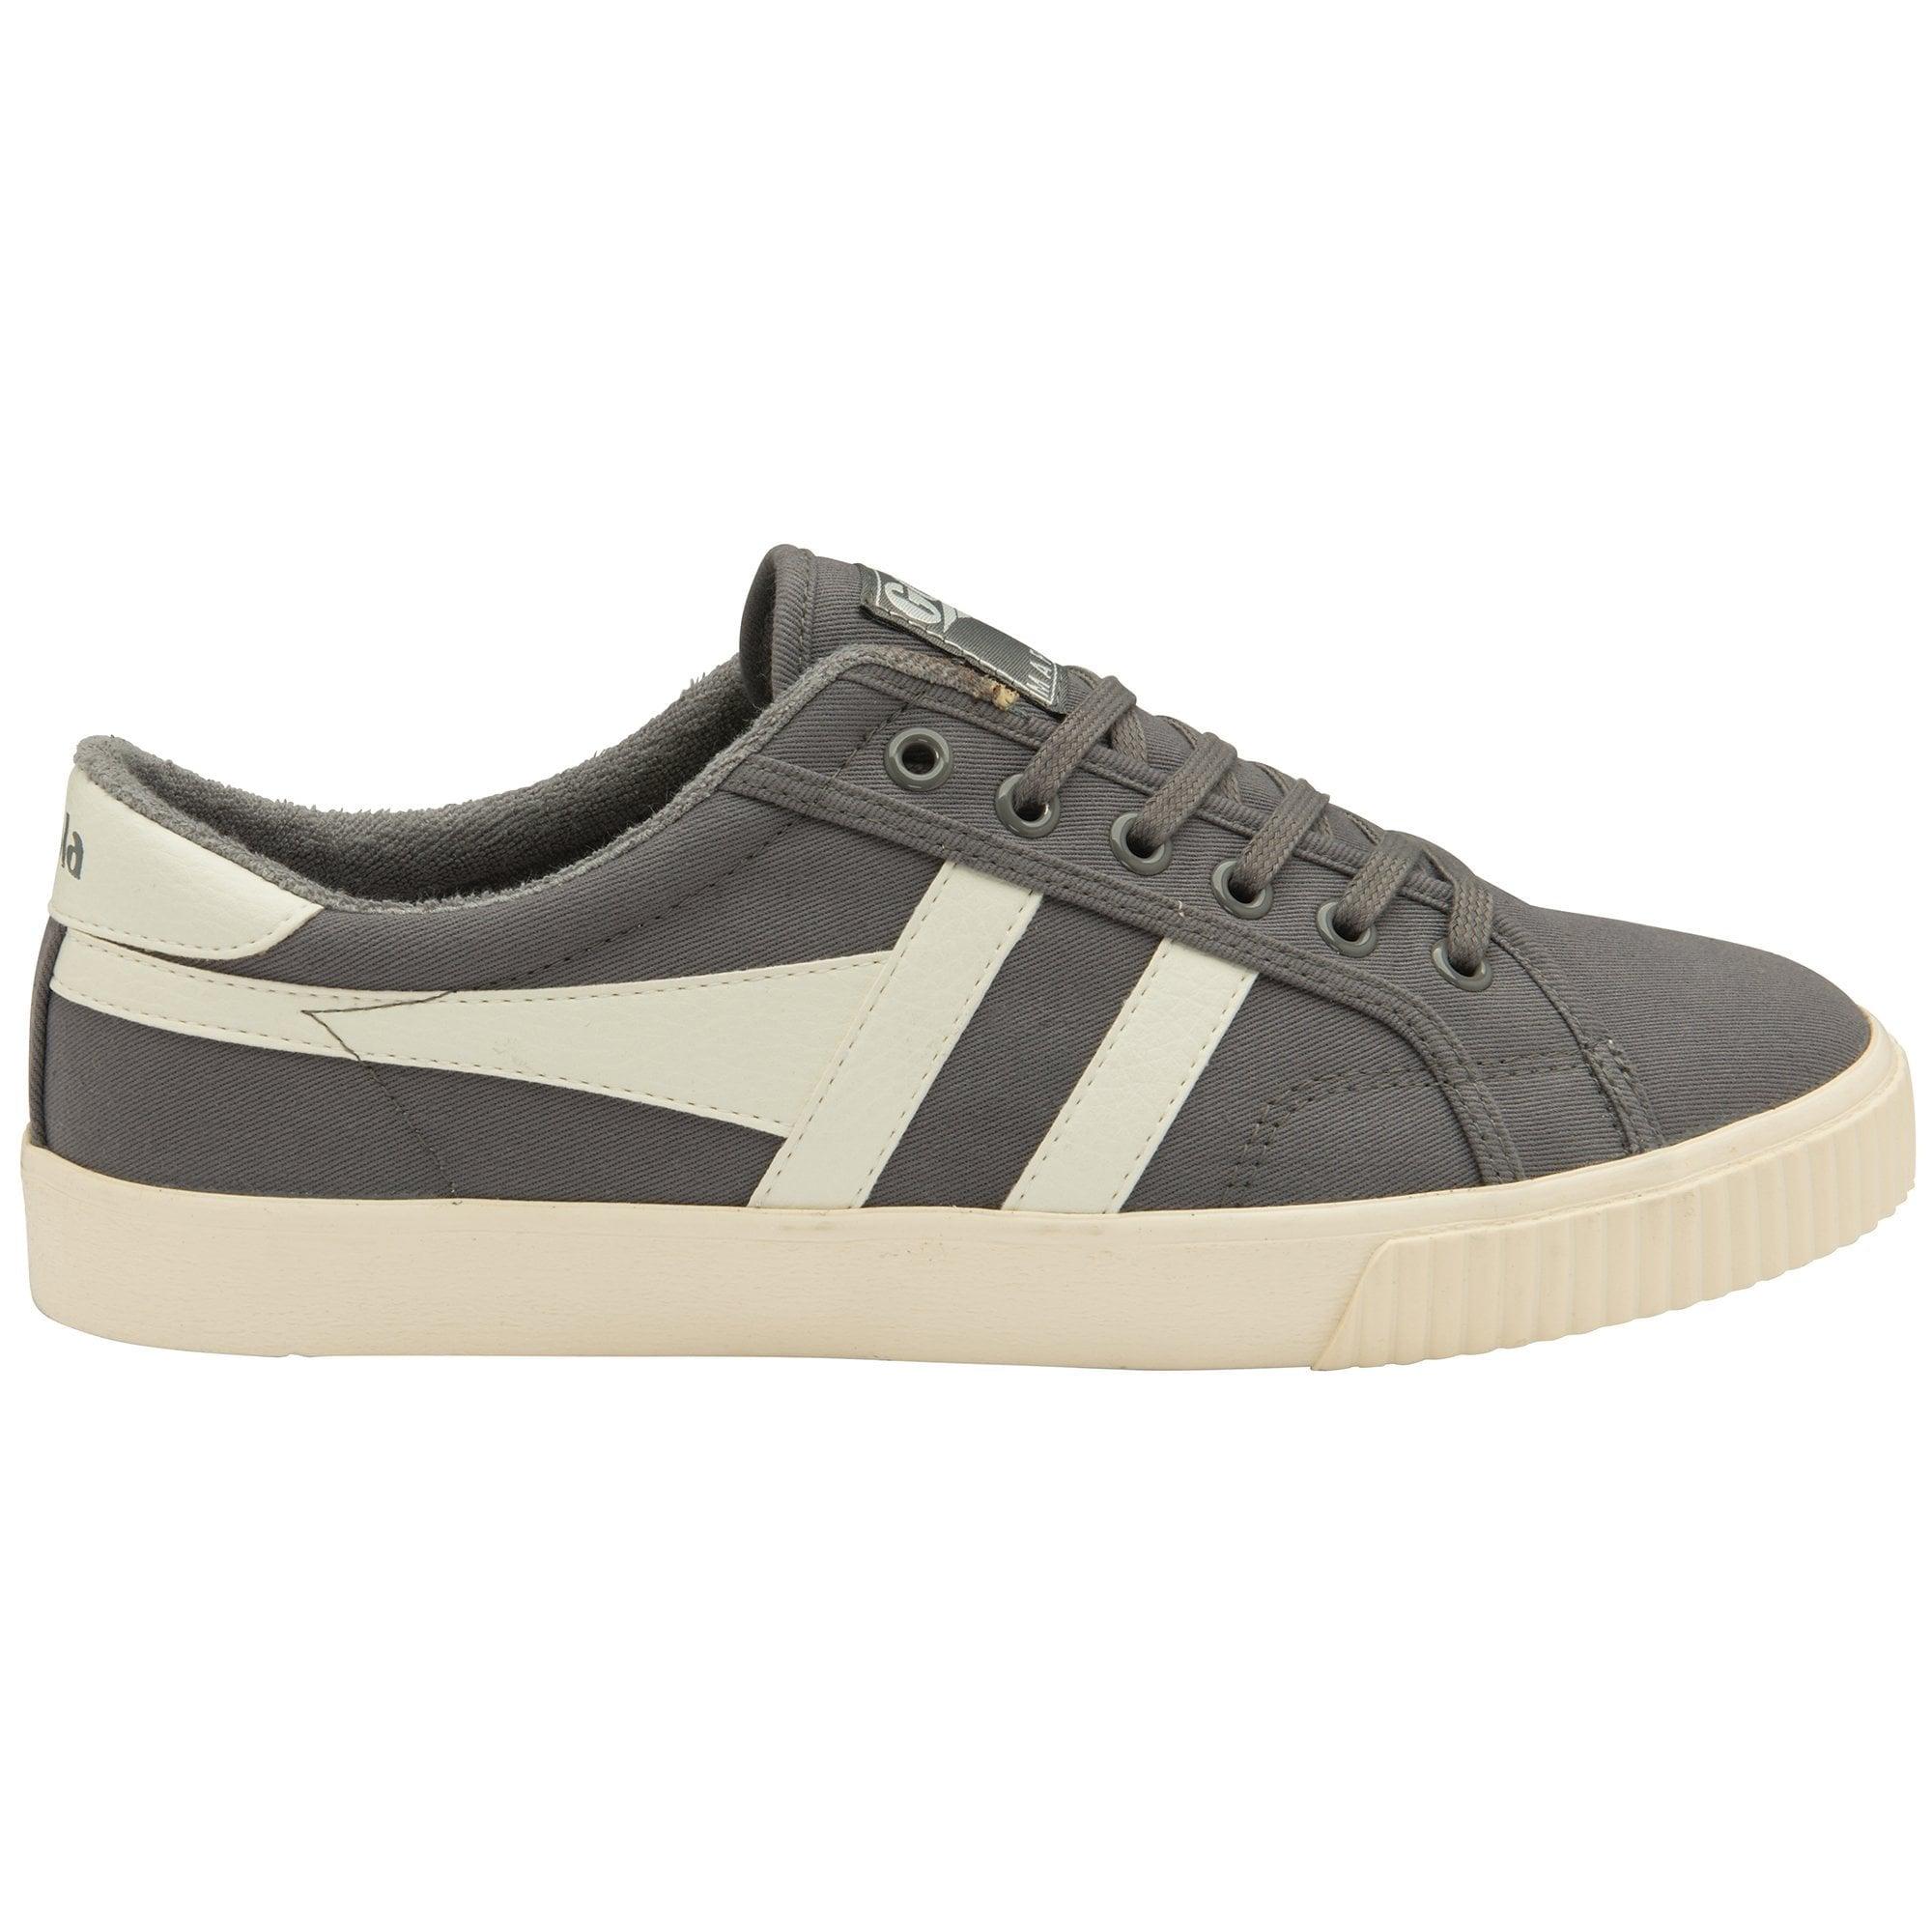 Buy Gola Mens Tennis Mark Cox sneakers